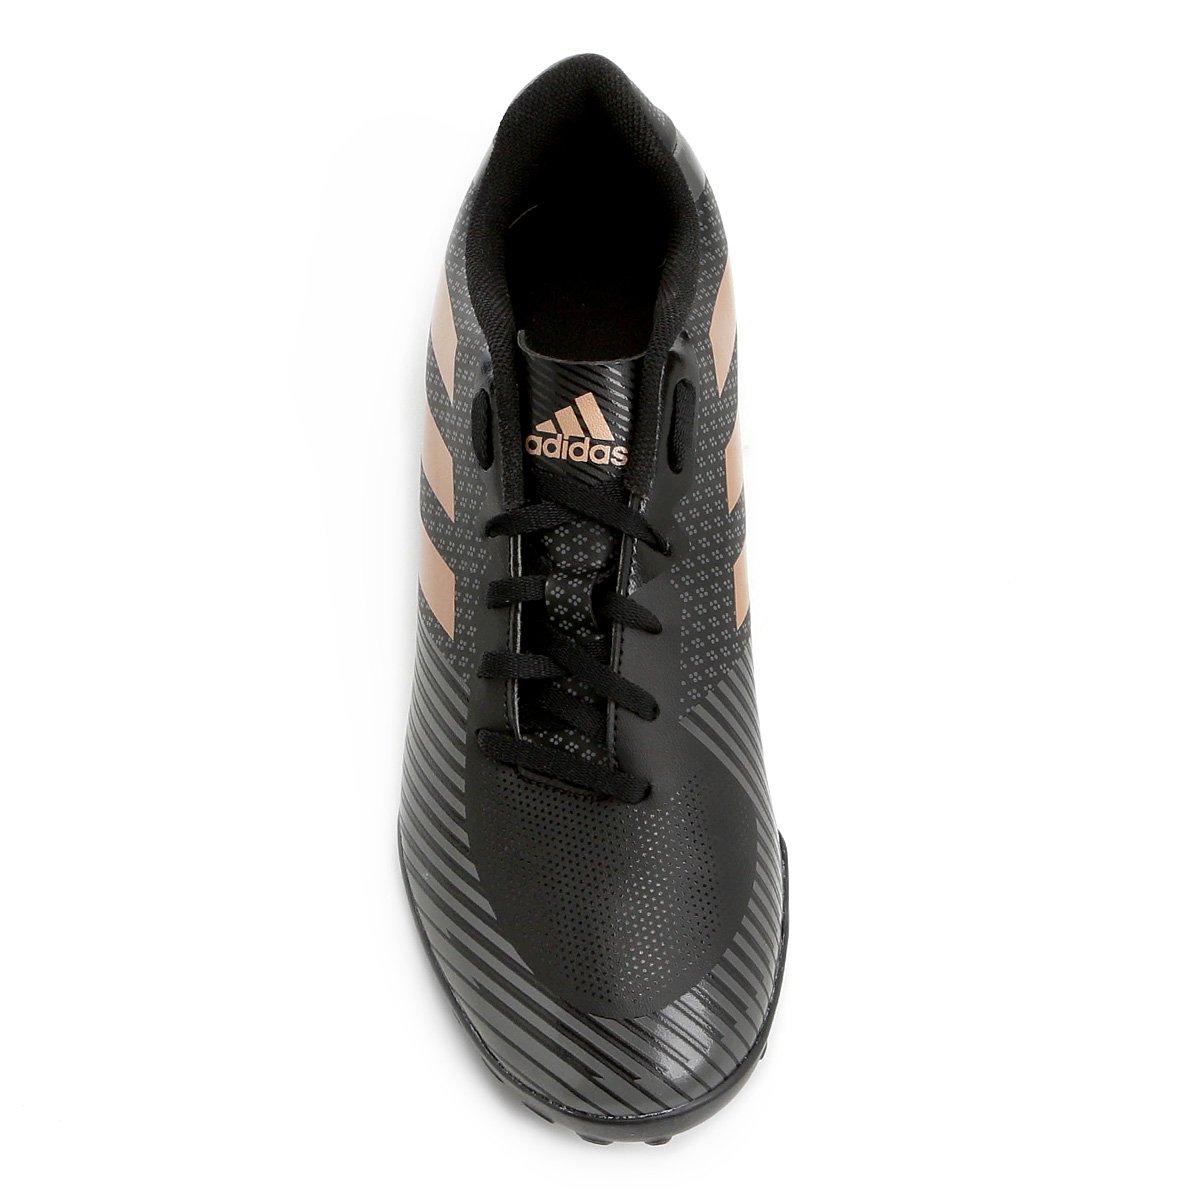 Chuteira Society Adidas Artilheira 18 TF - Preto e Grafite - Compre ... 07f2c69fccd87